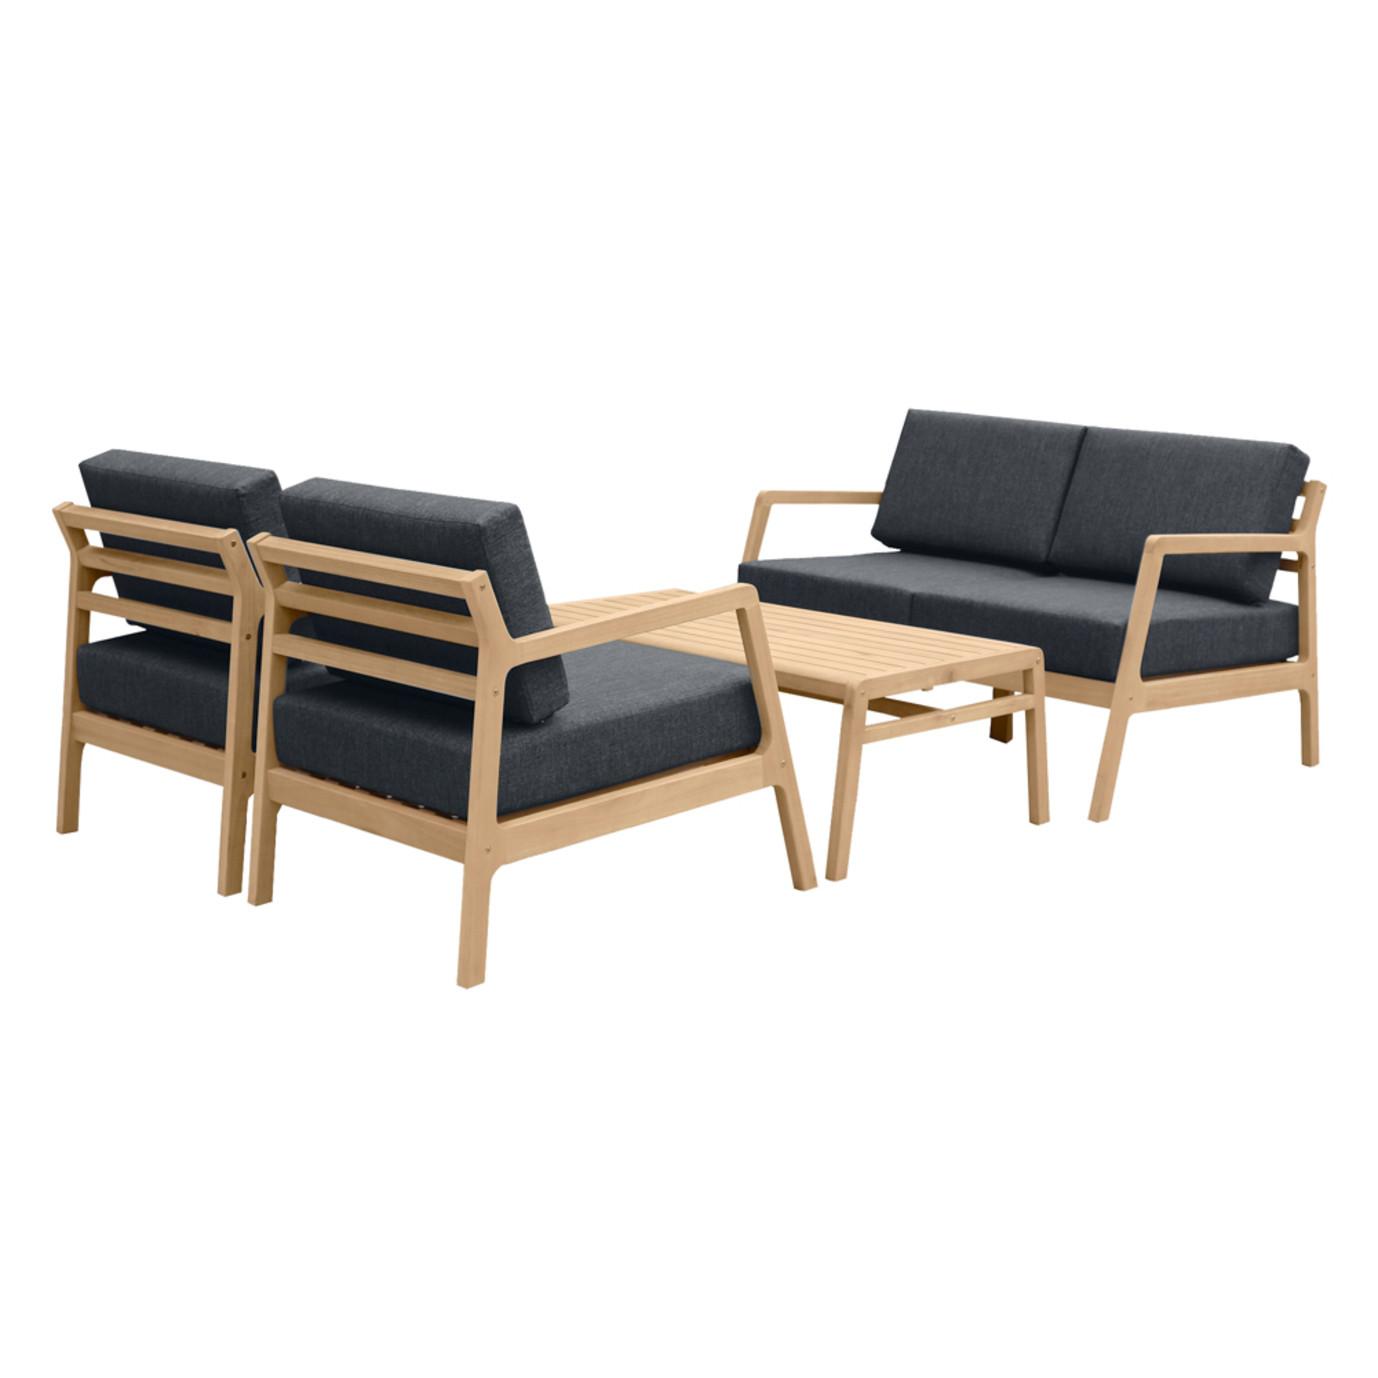 Asta 4pc Seating Set - Black